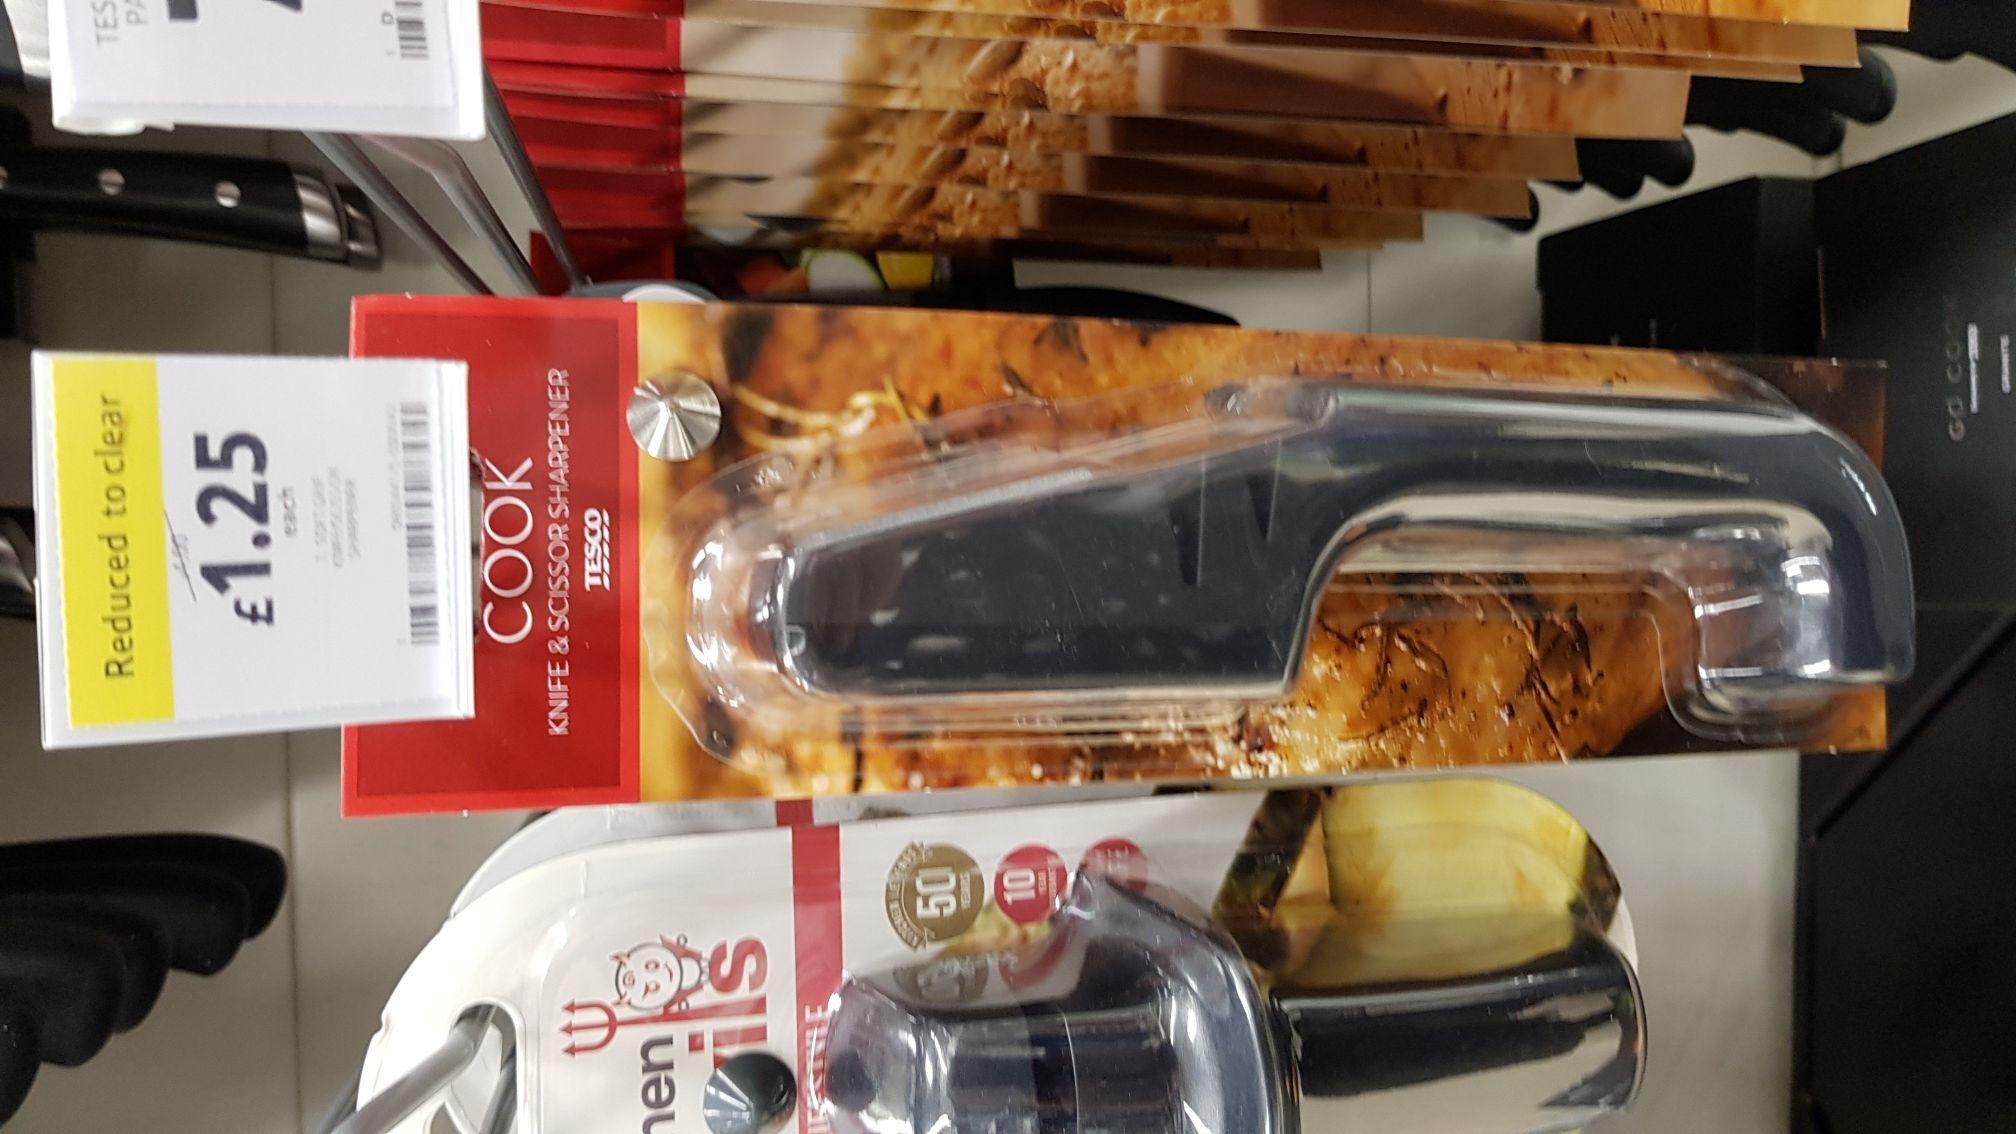 Knife + scissor sharpener tesco instore Stalybridge now 1.25